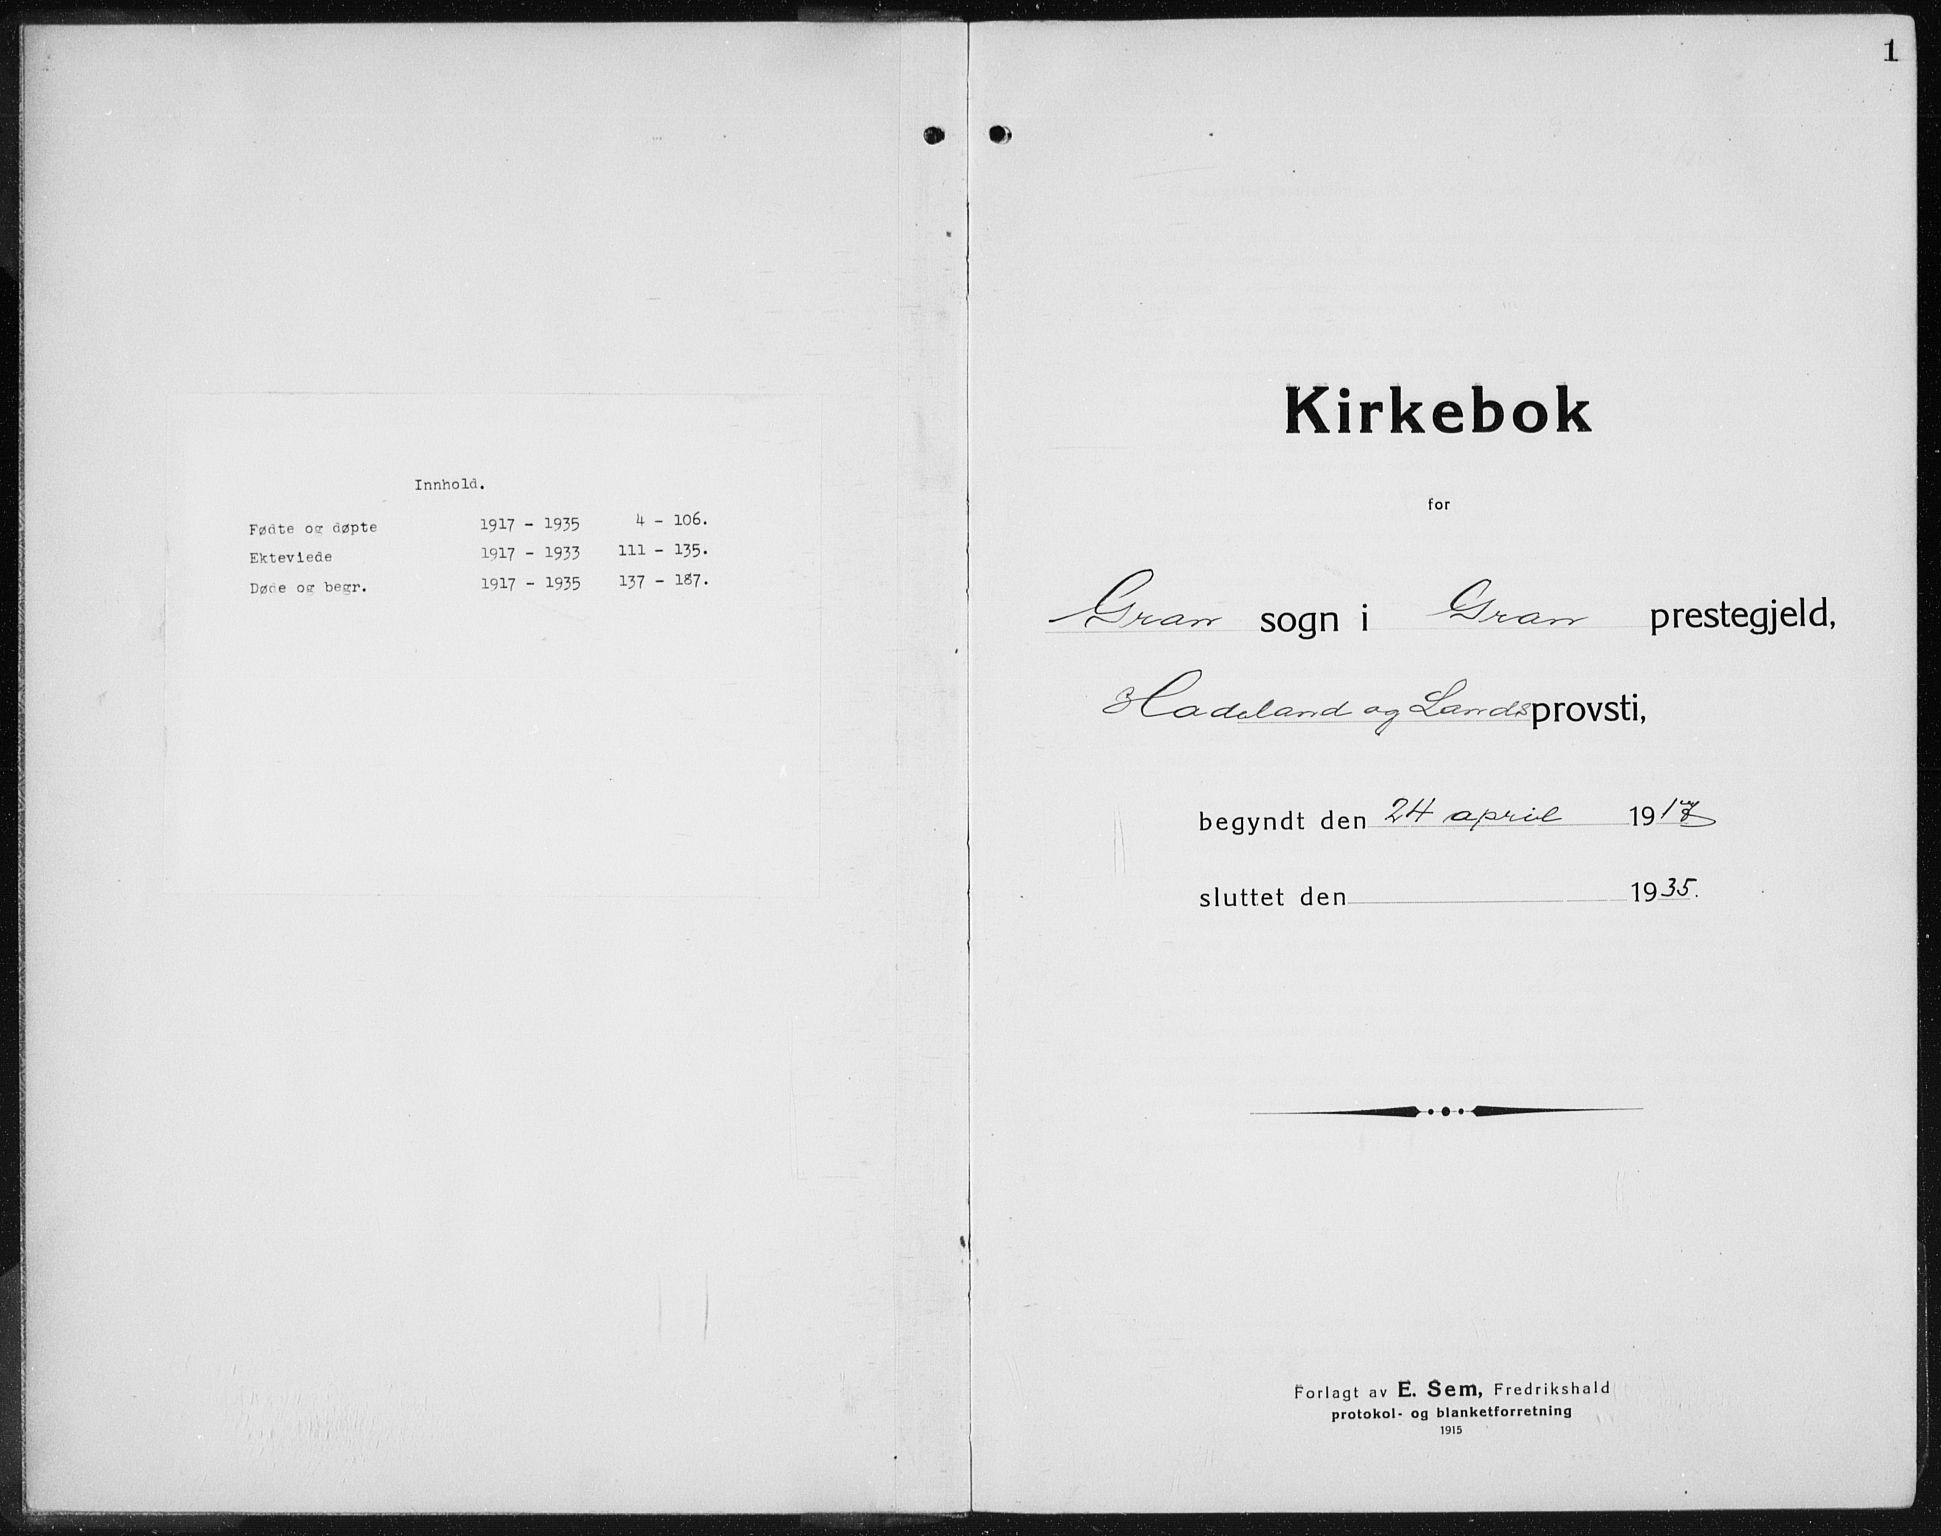 SAH, Gran prestekontor, Klokkerbok nr. 8, 1917-1935, s. 1